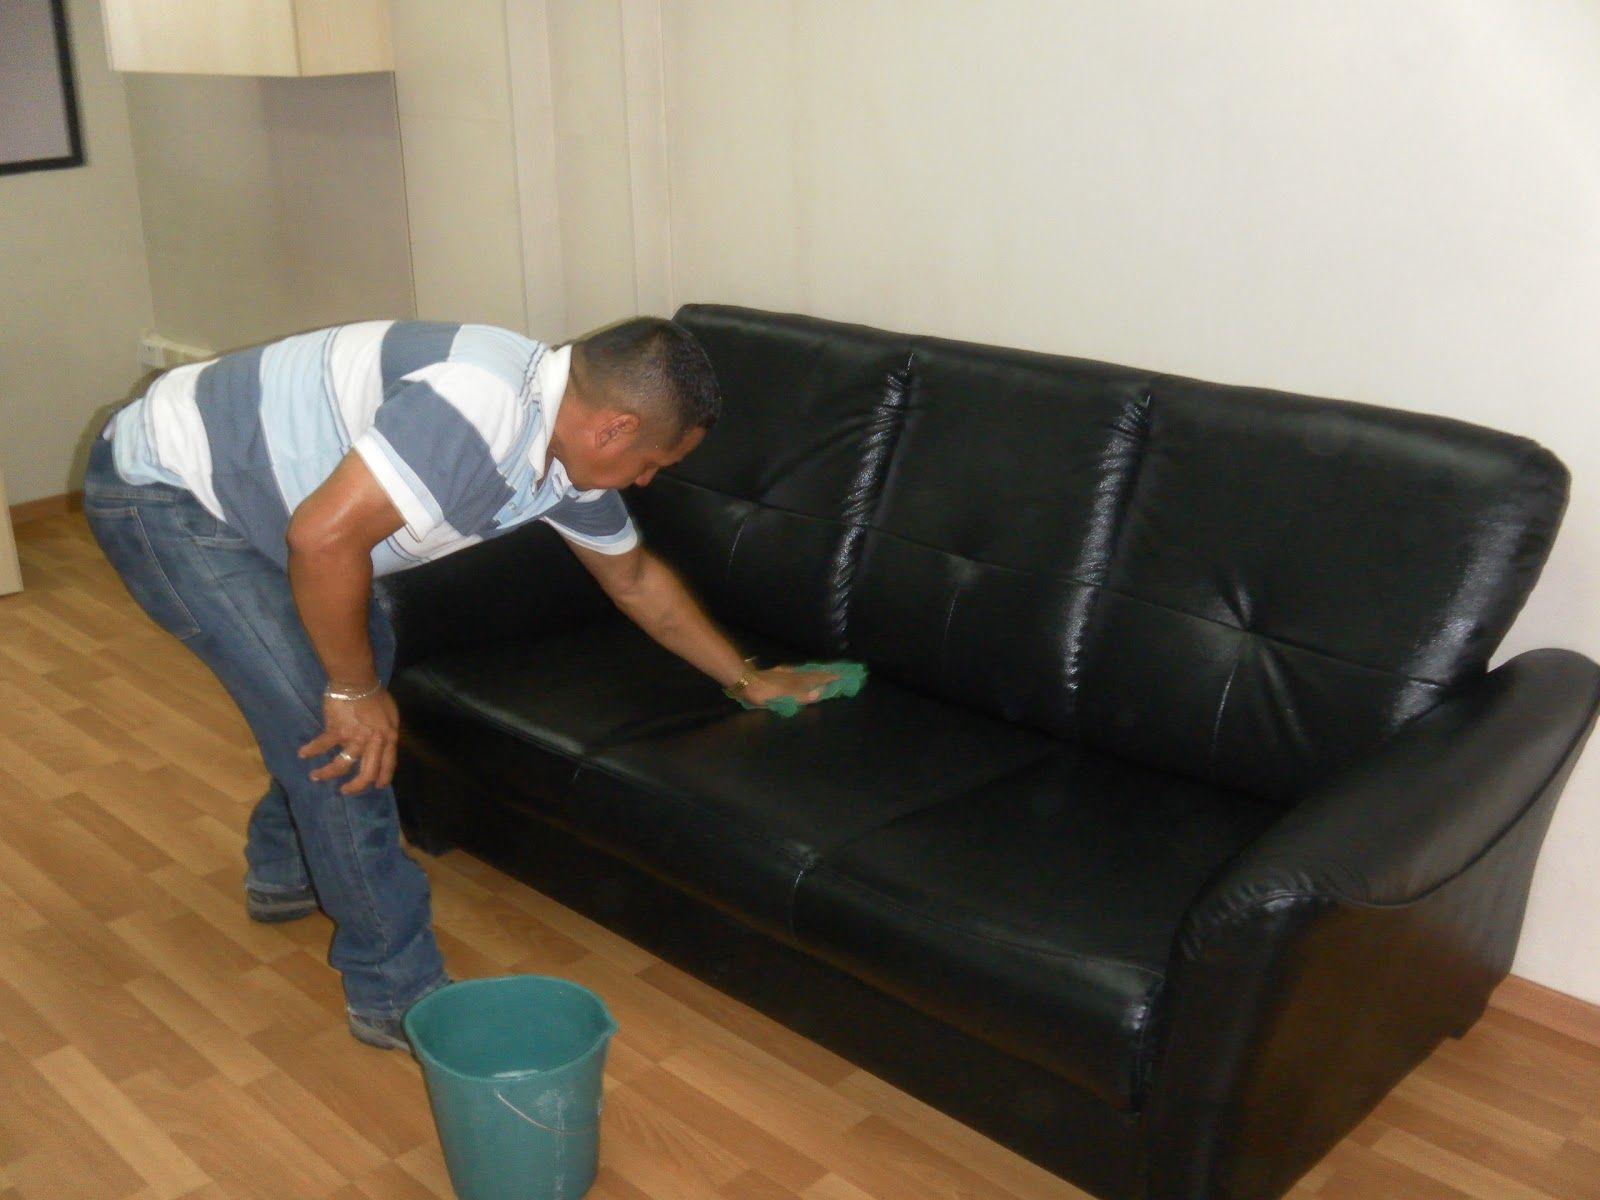 limpieza-de-muebles - lavado de muebles cerca de mi